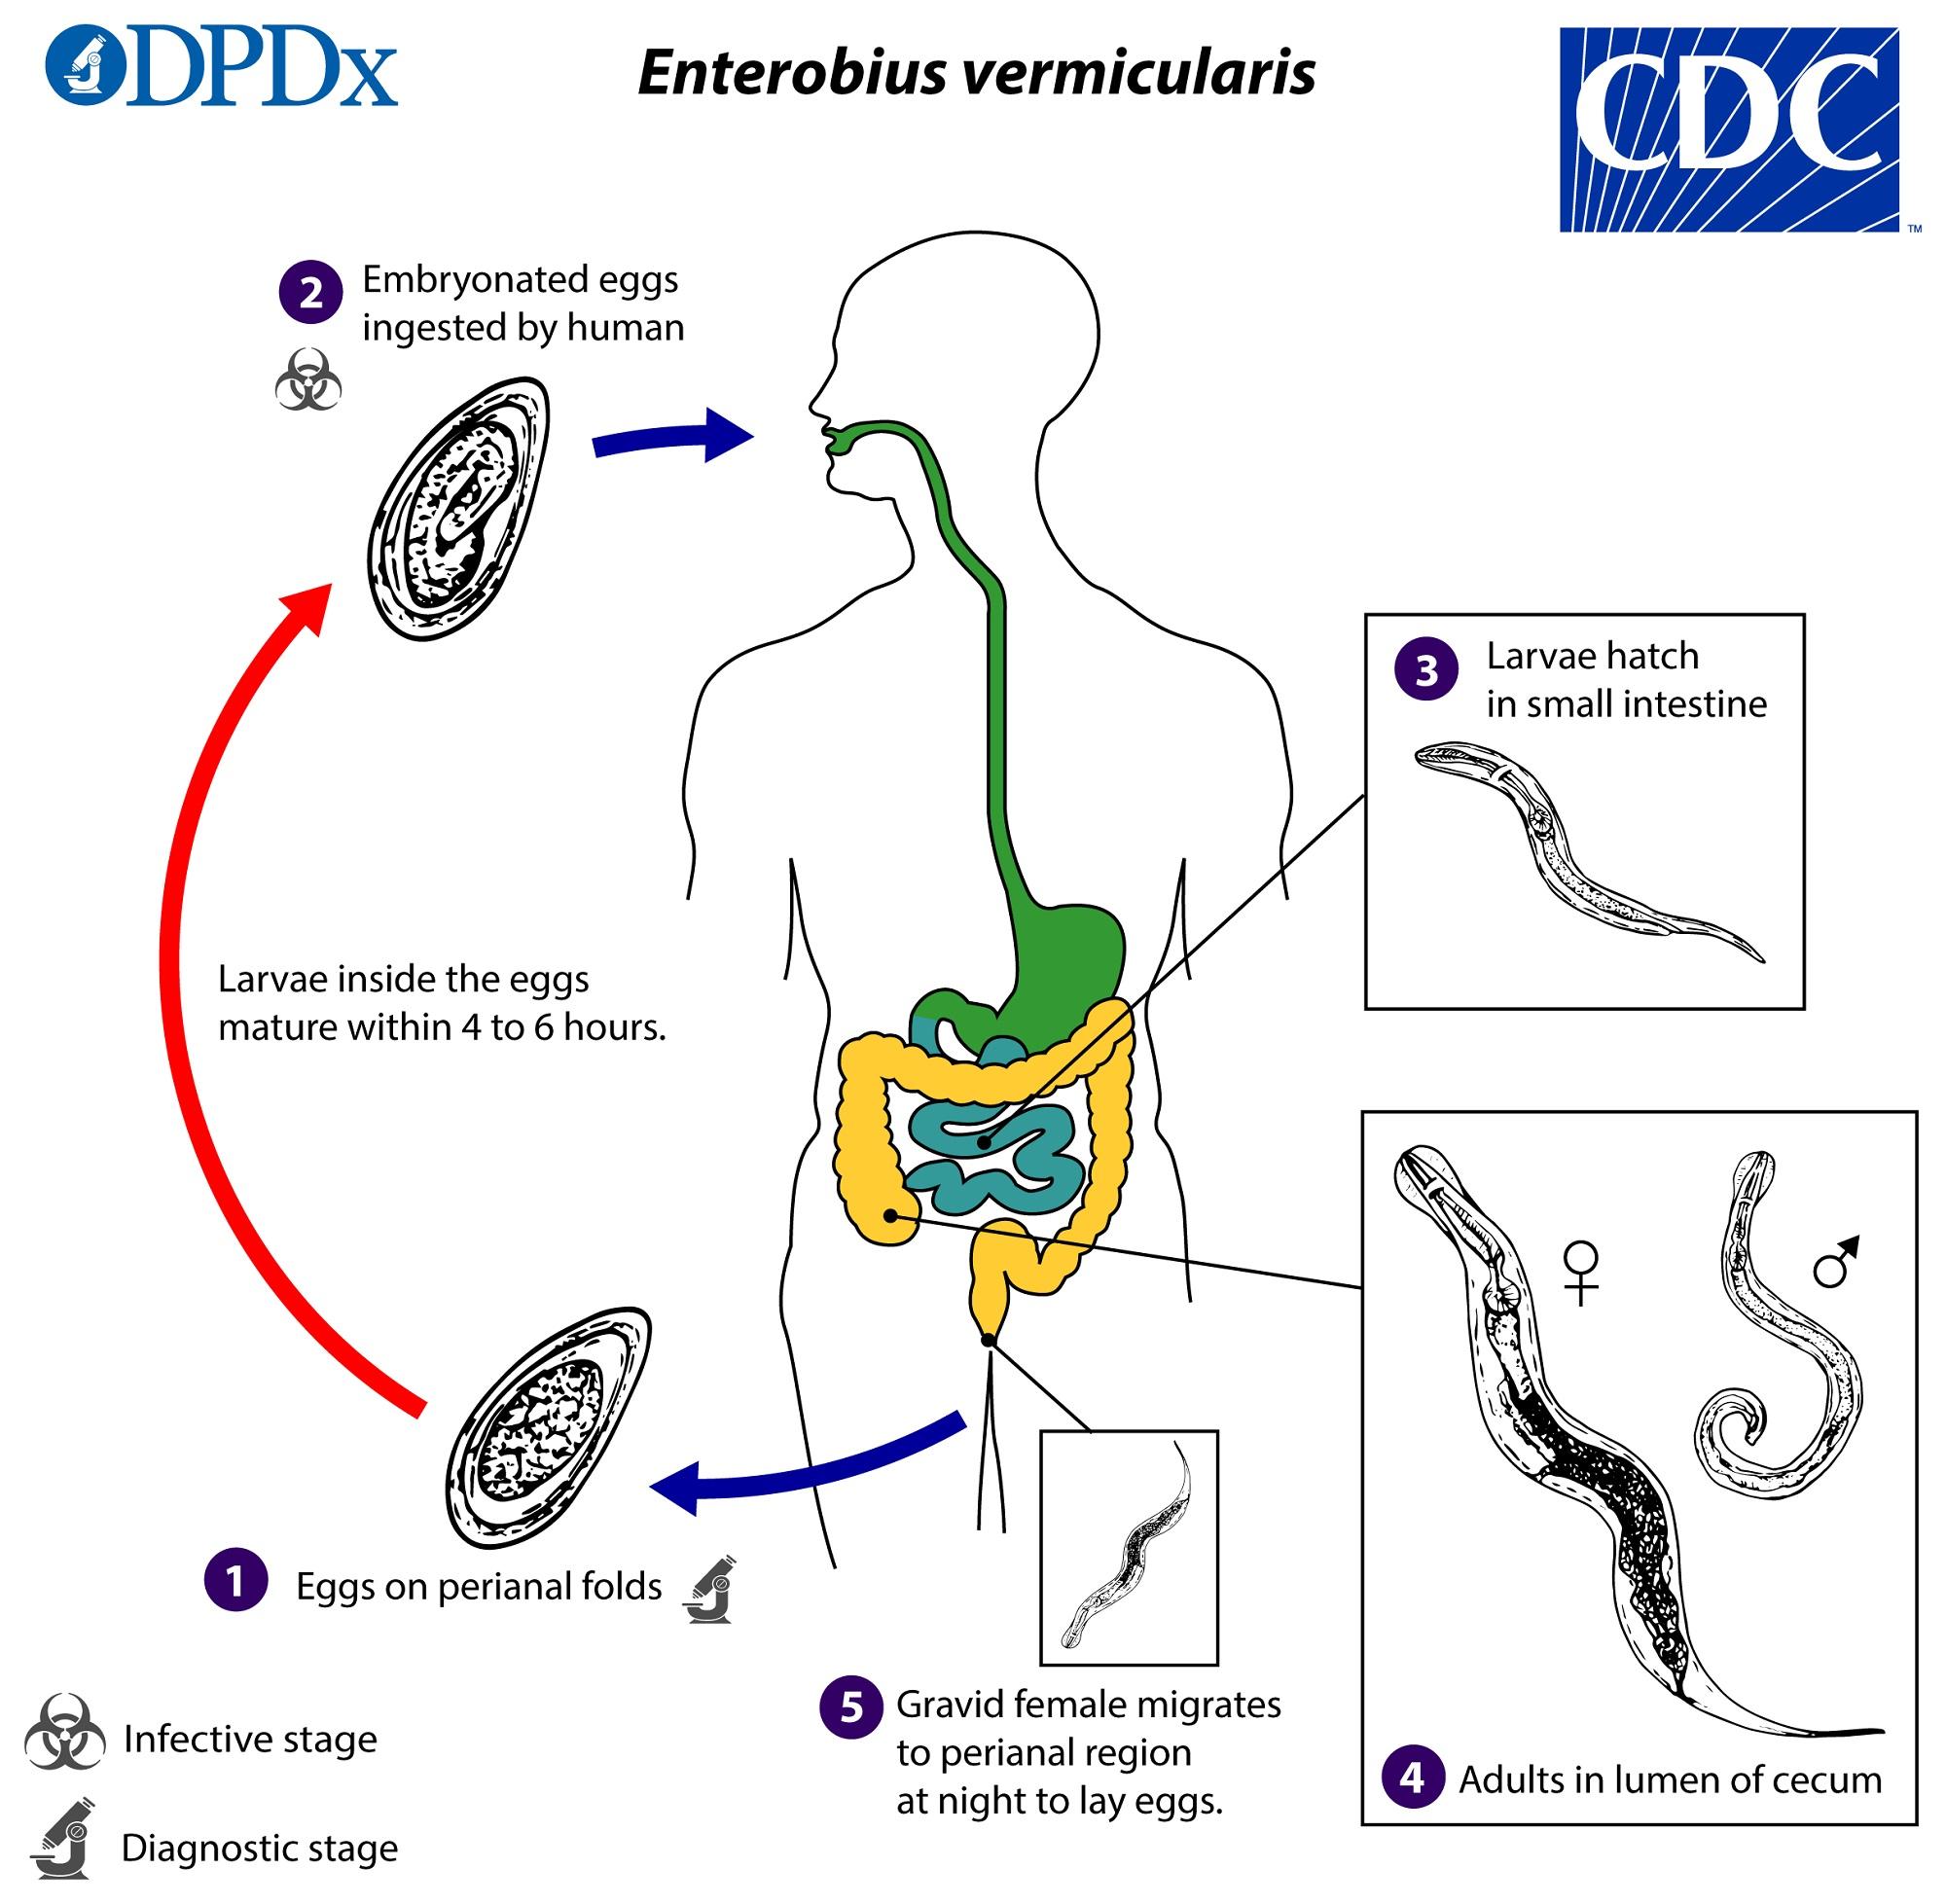 enterobiasis epidemiology papillon zeugma villa